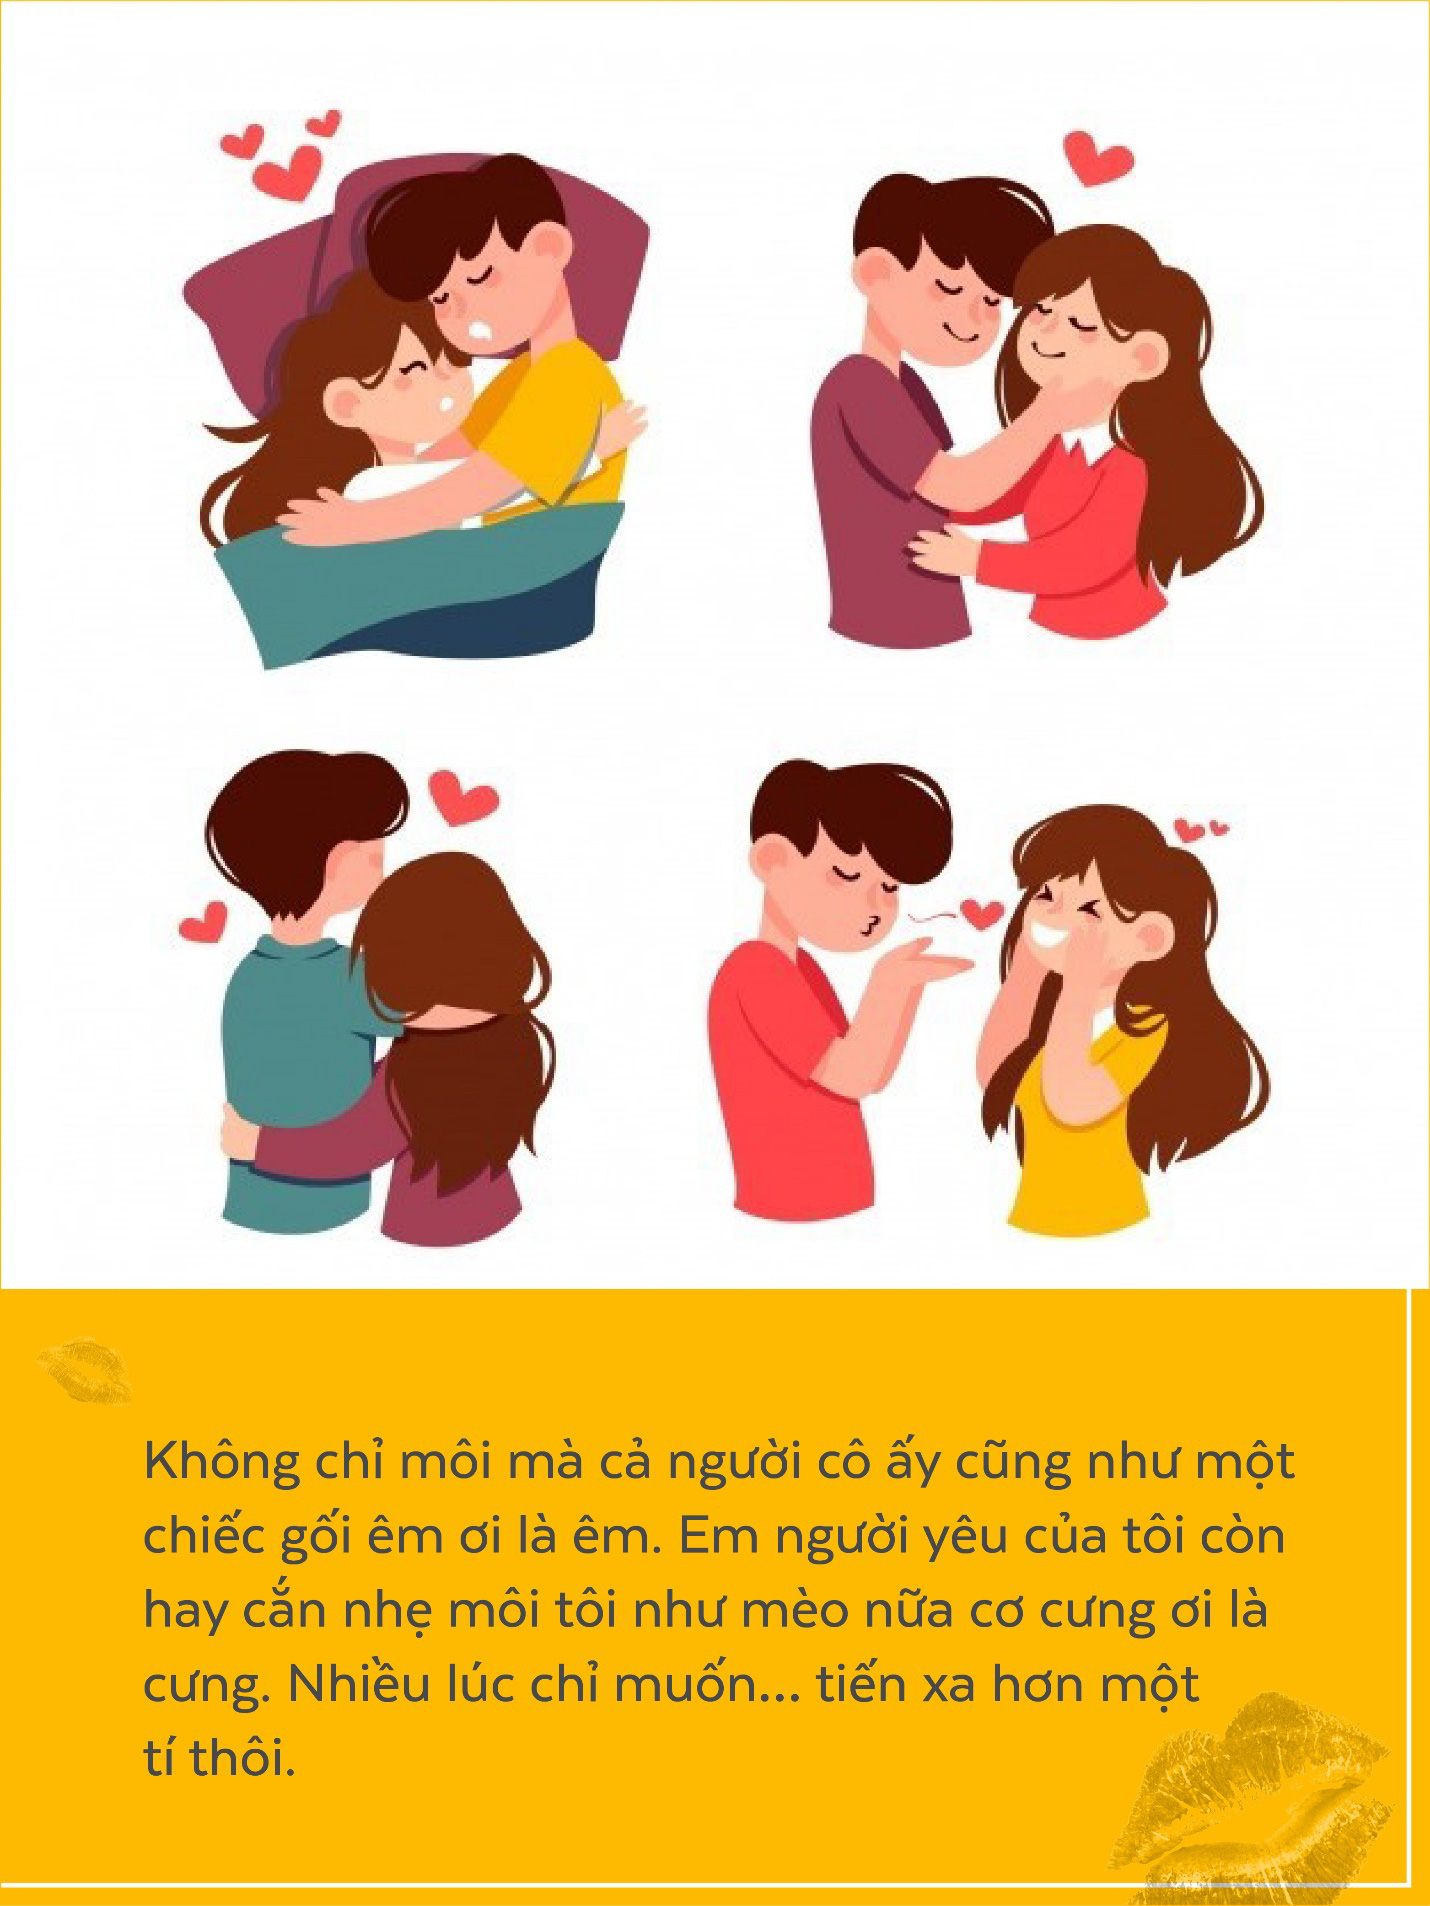 Nụ hôn đâu chỉ là cái chạm môi, với con trai, điều ấy còn ẩn chứa cả ngàn ý nghĩa - Ảnh 5.